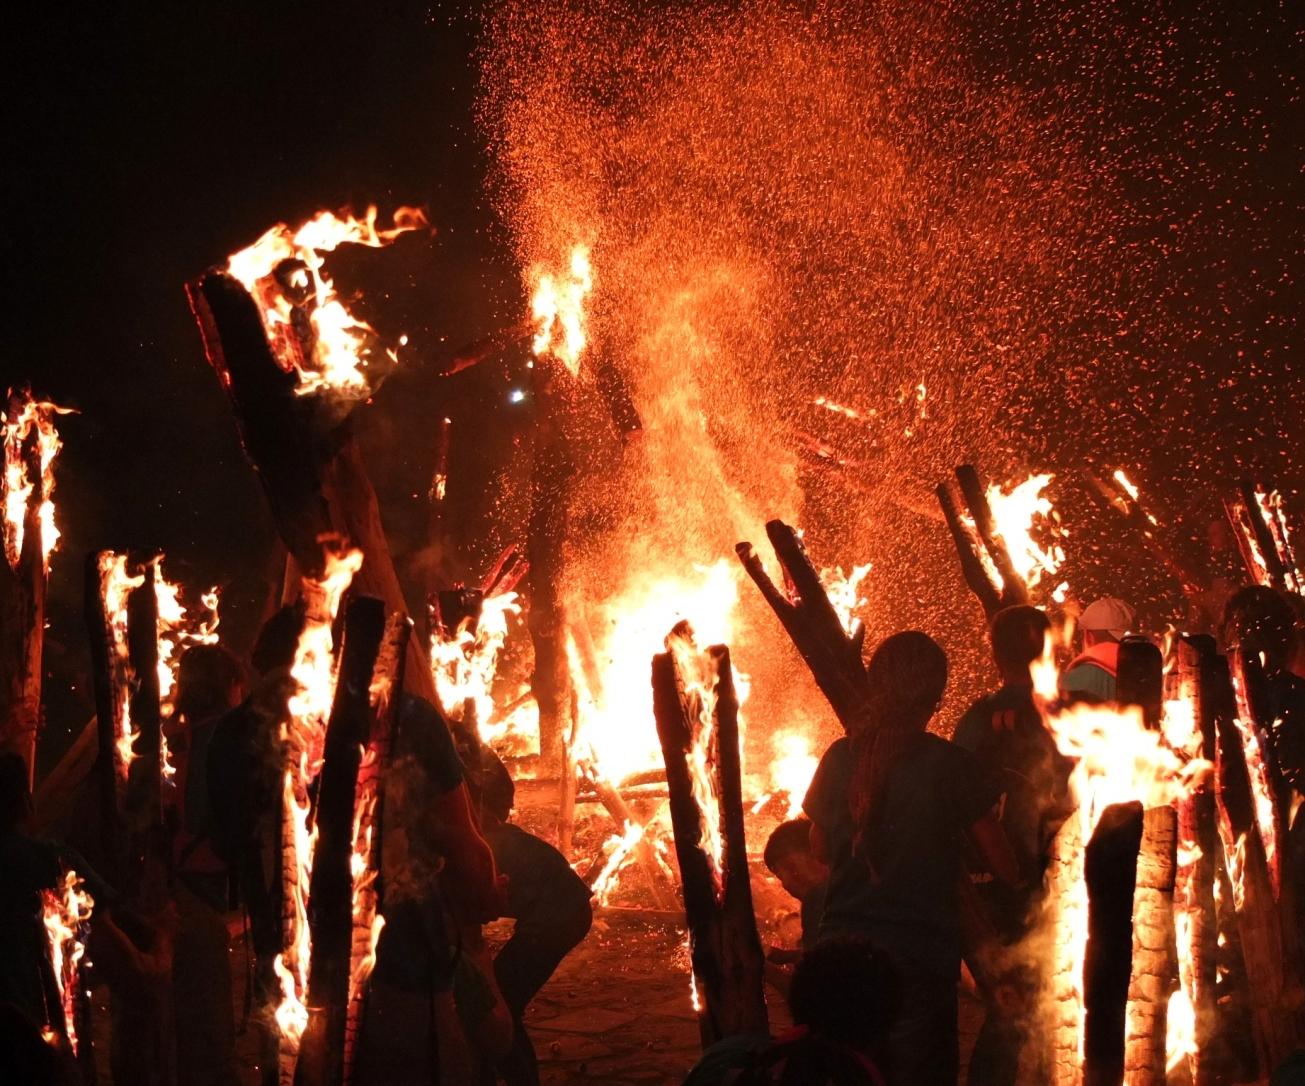 Bonfire in the main square